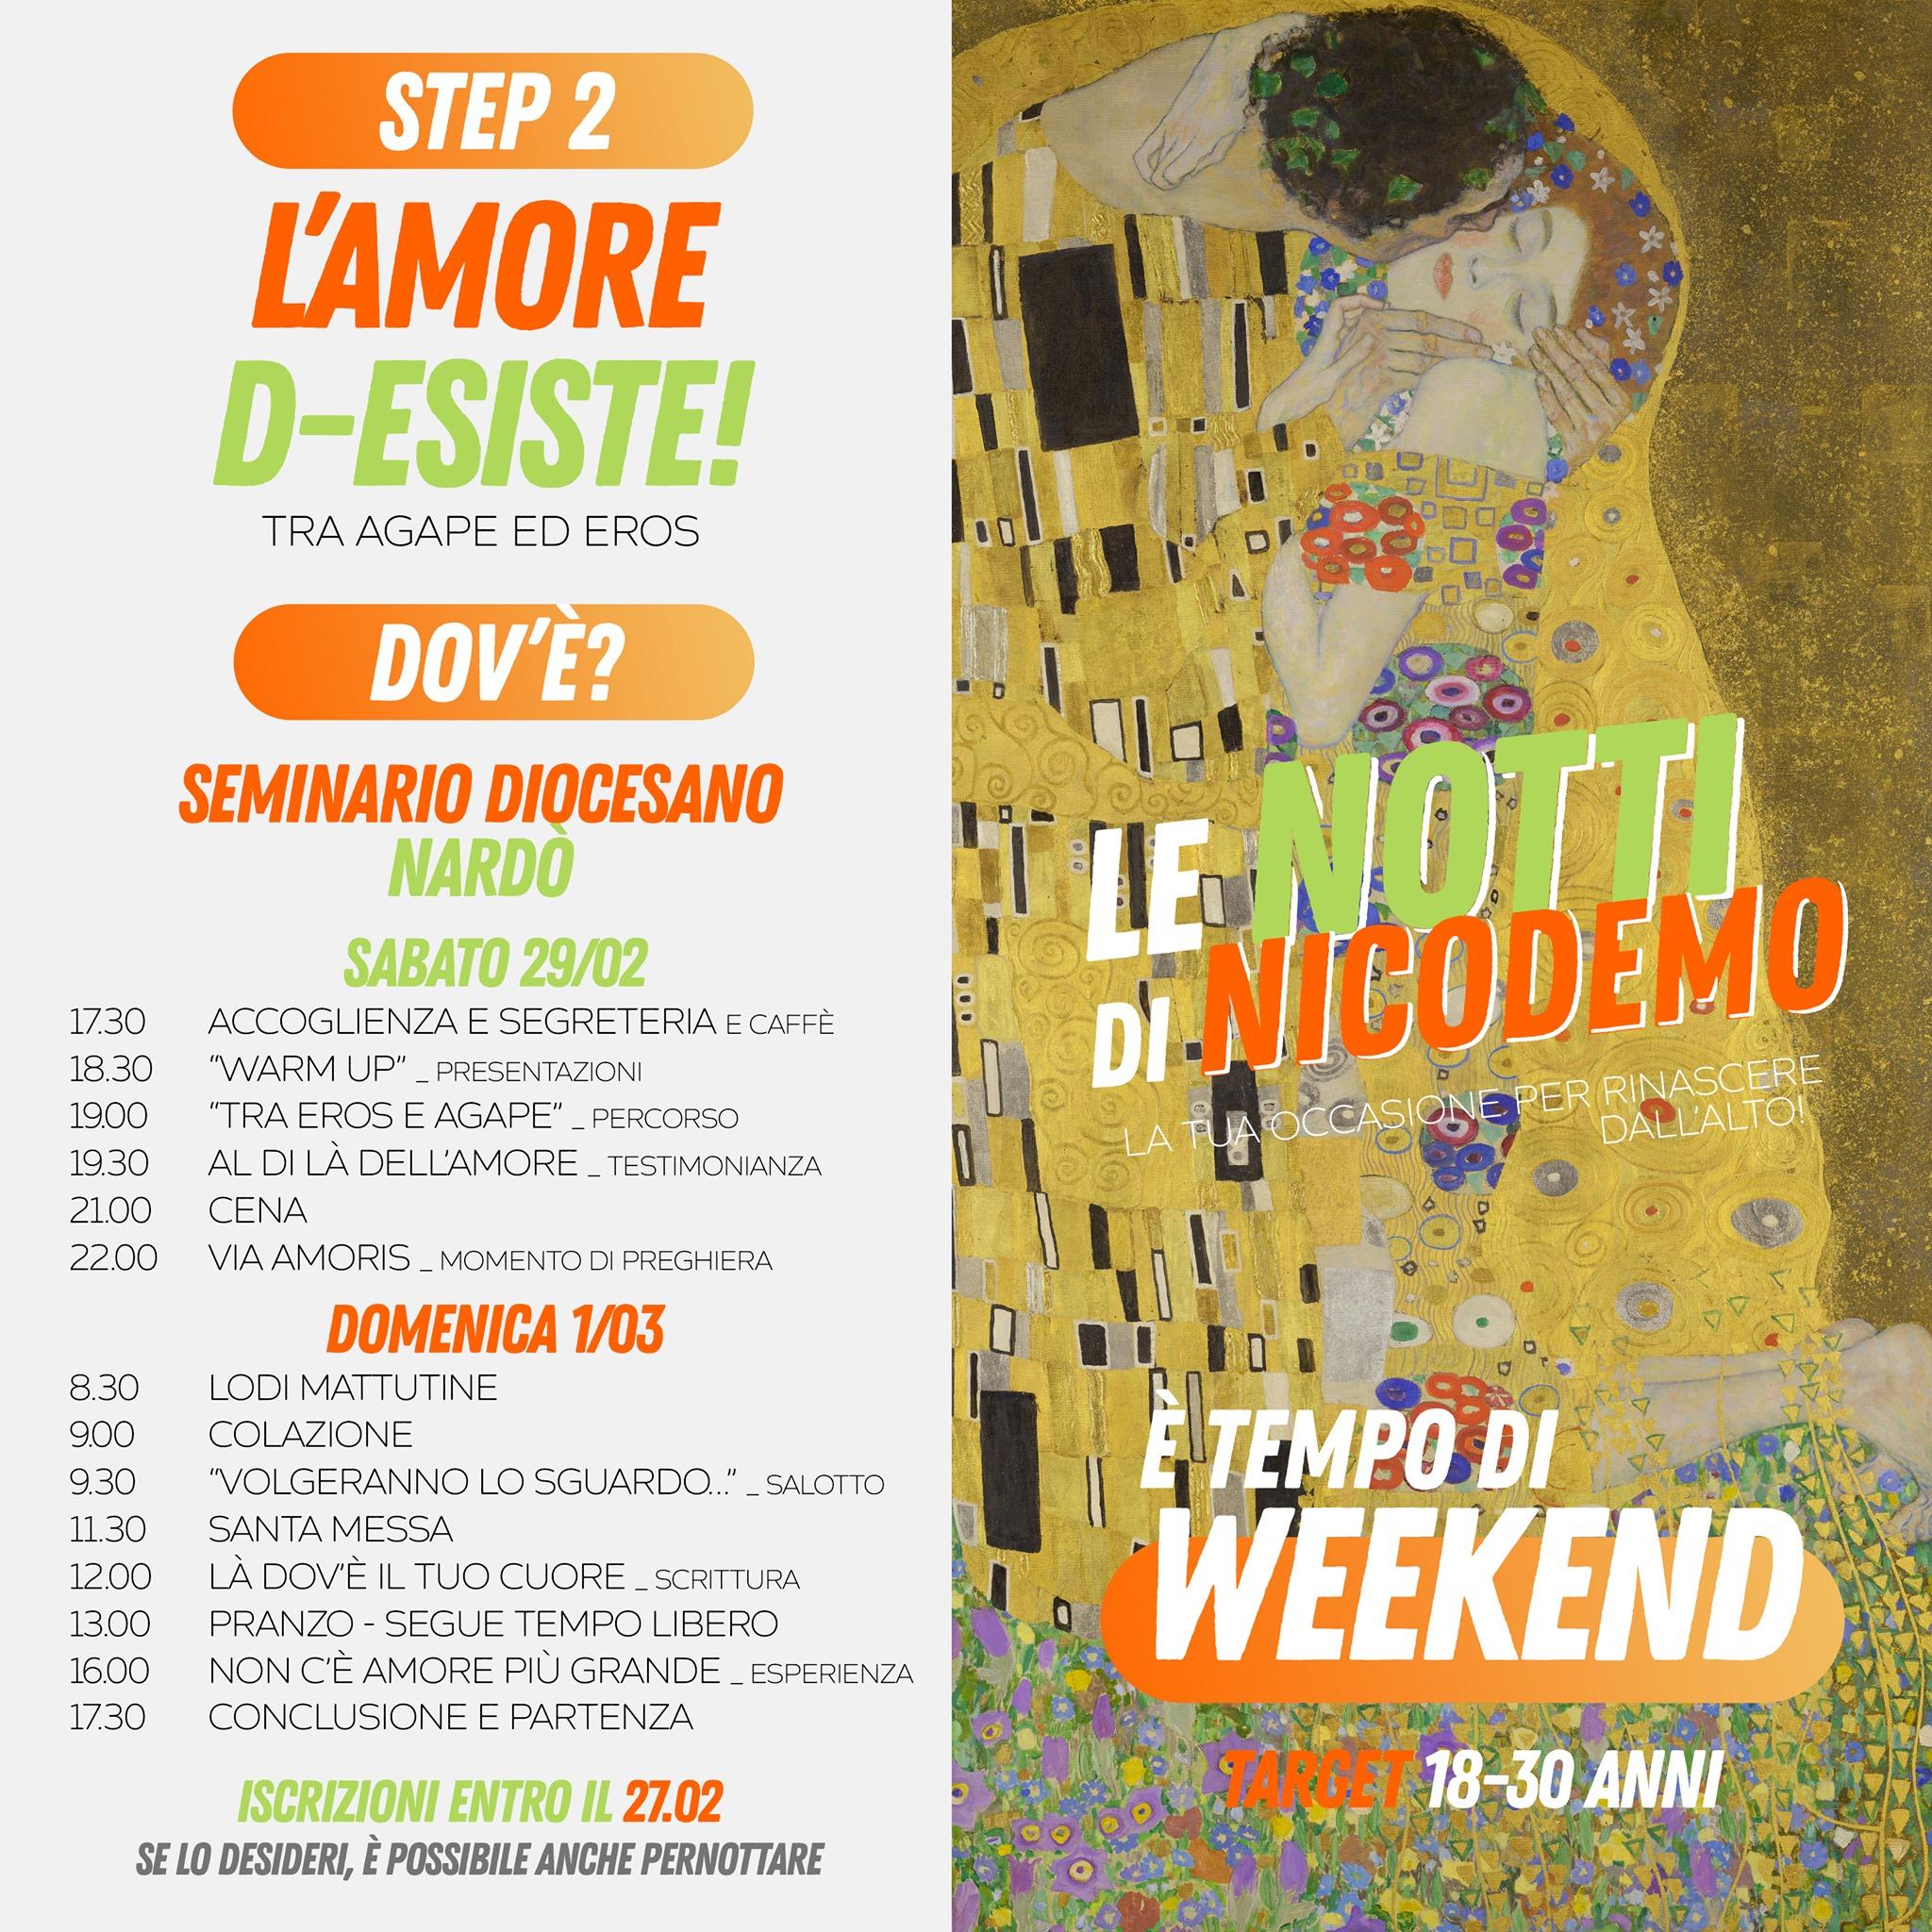 Notti di Nicodemo – weekend 29/2-1/3